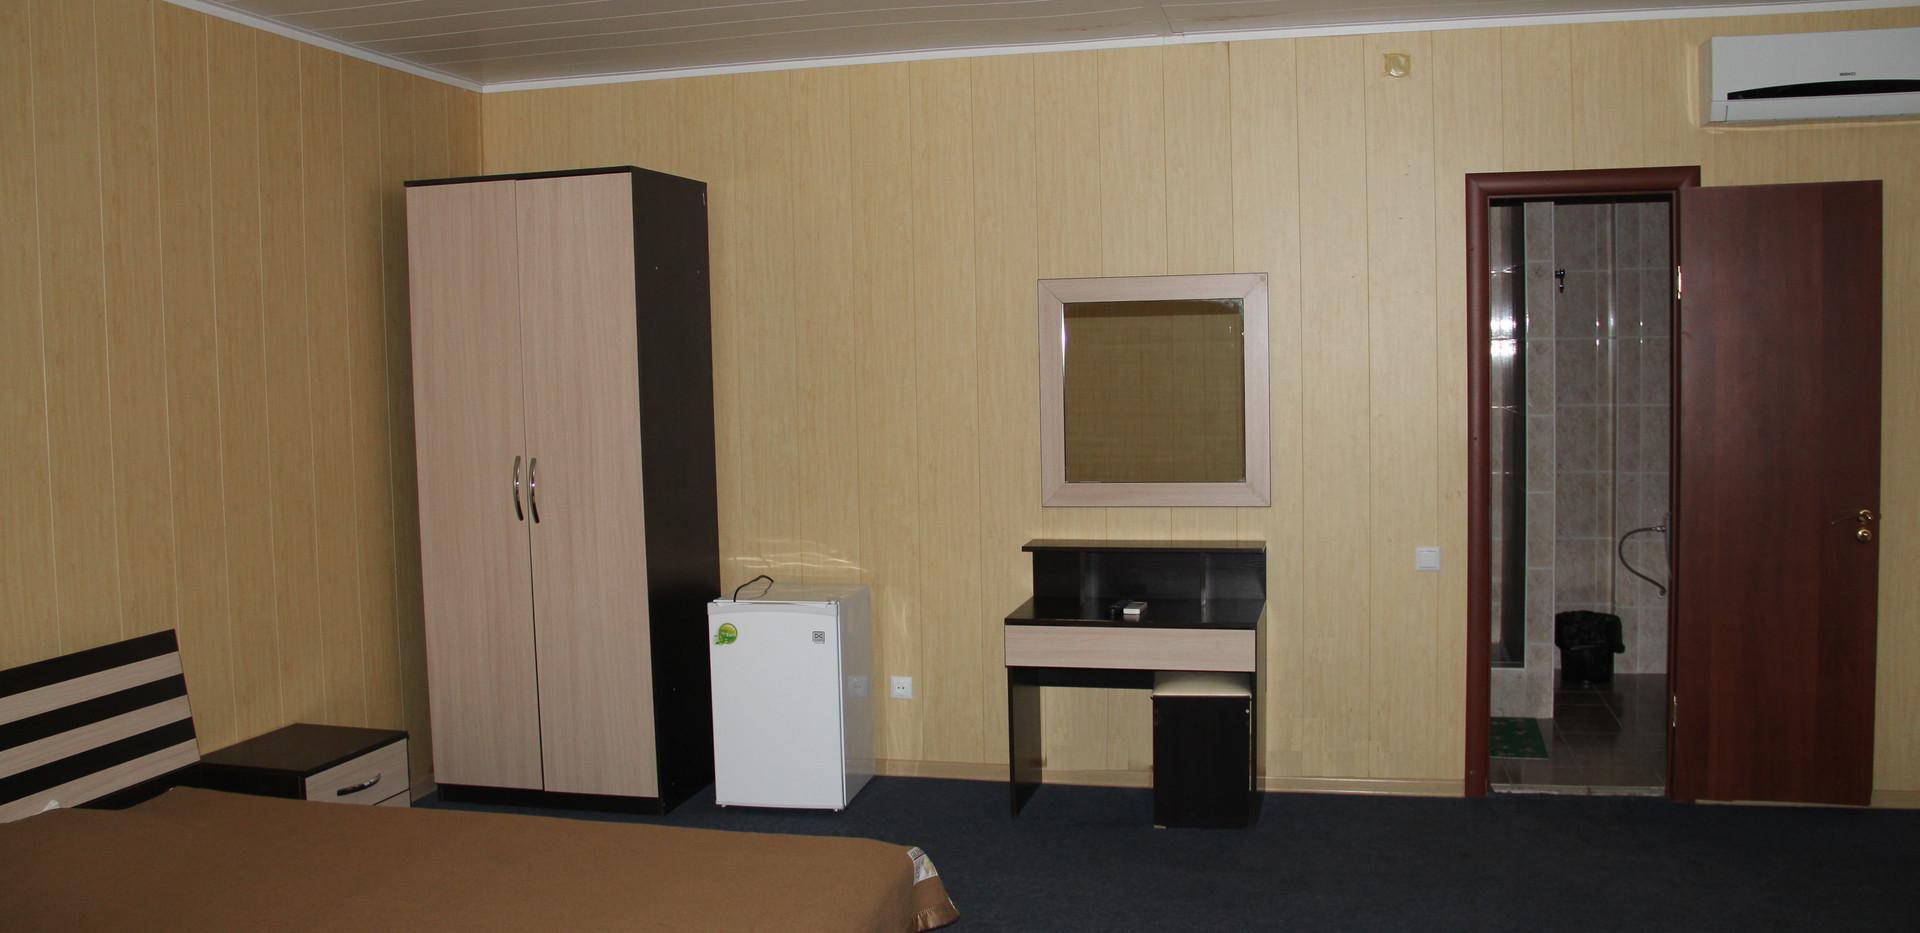 ТВ, холодильник, кондиционер